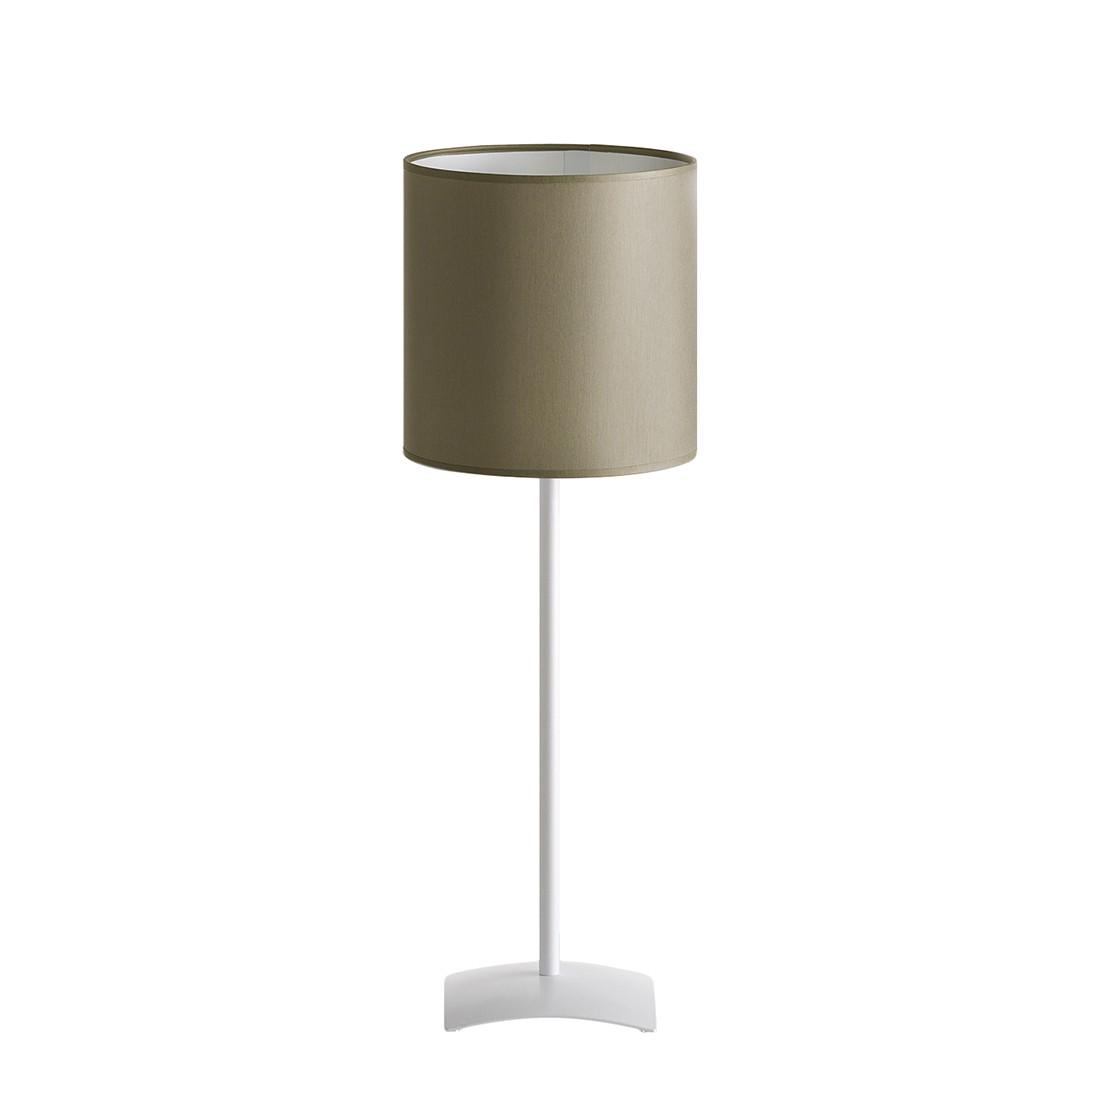 Energiespar-Tischleuchte Melody ● Metall ● Weiß / Grau ● 1-flammig- Blanke Design A++